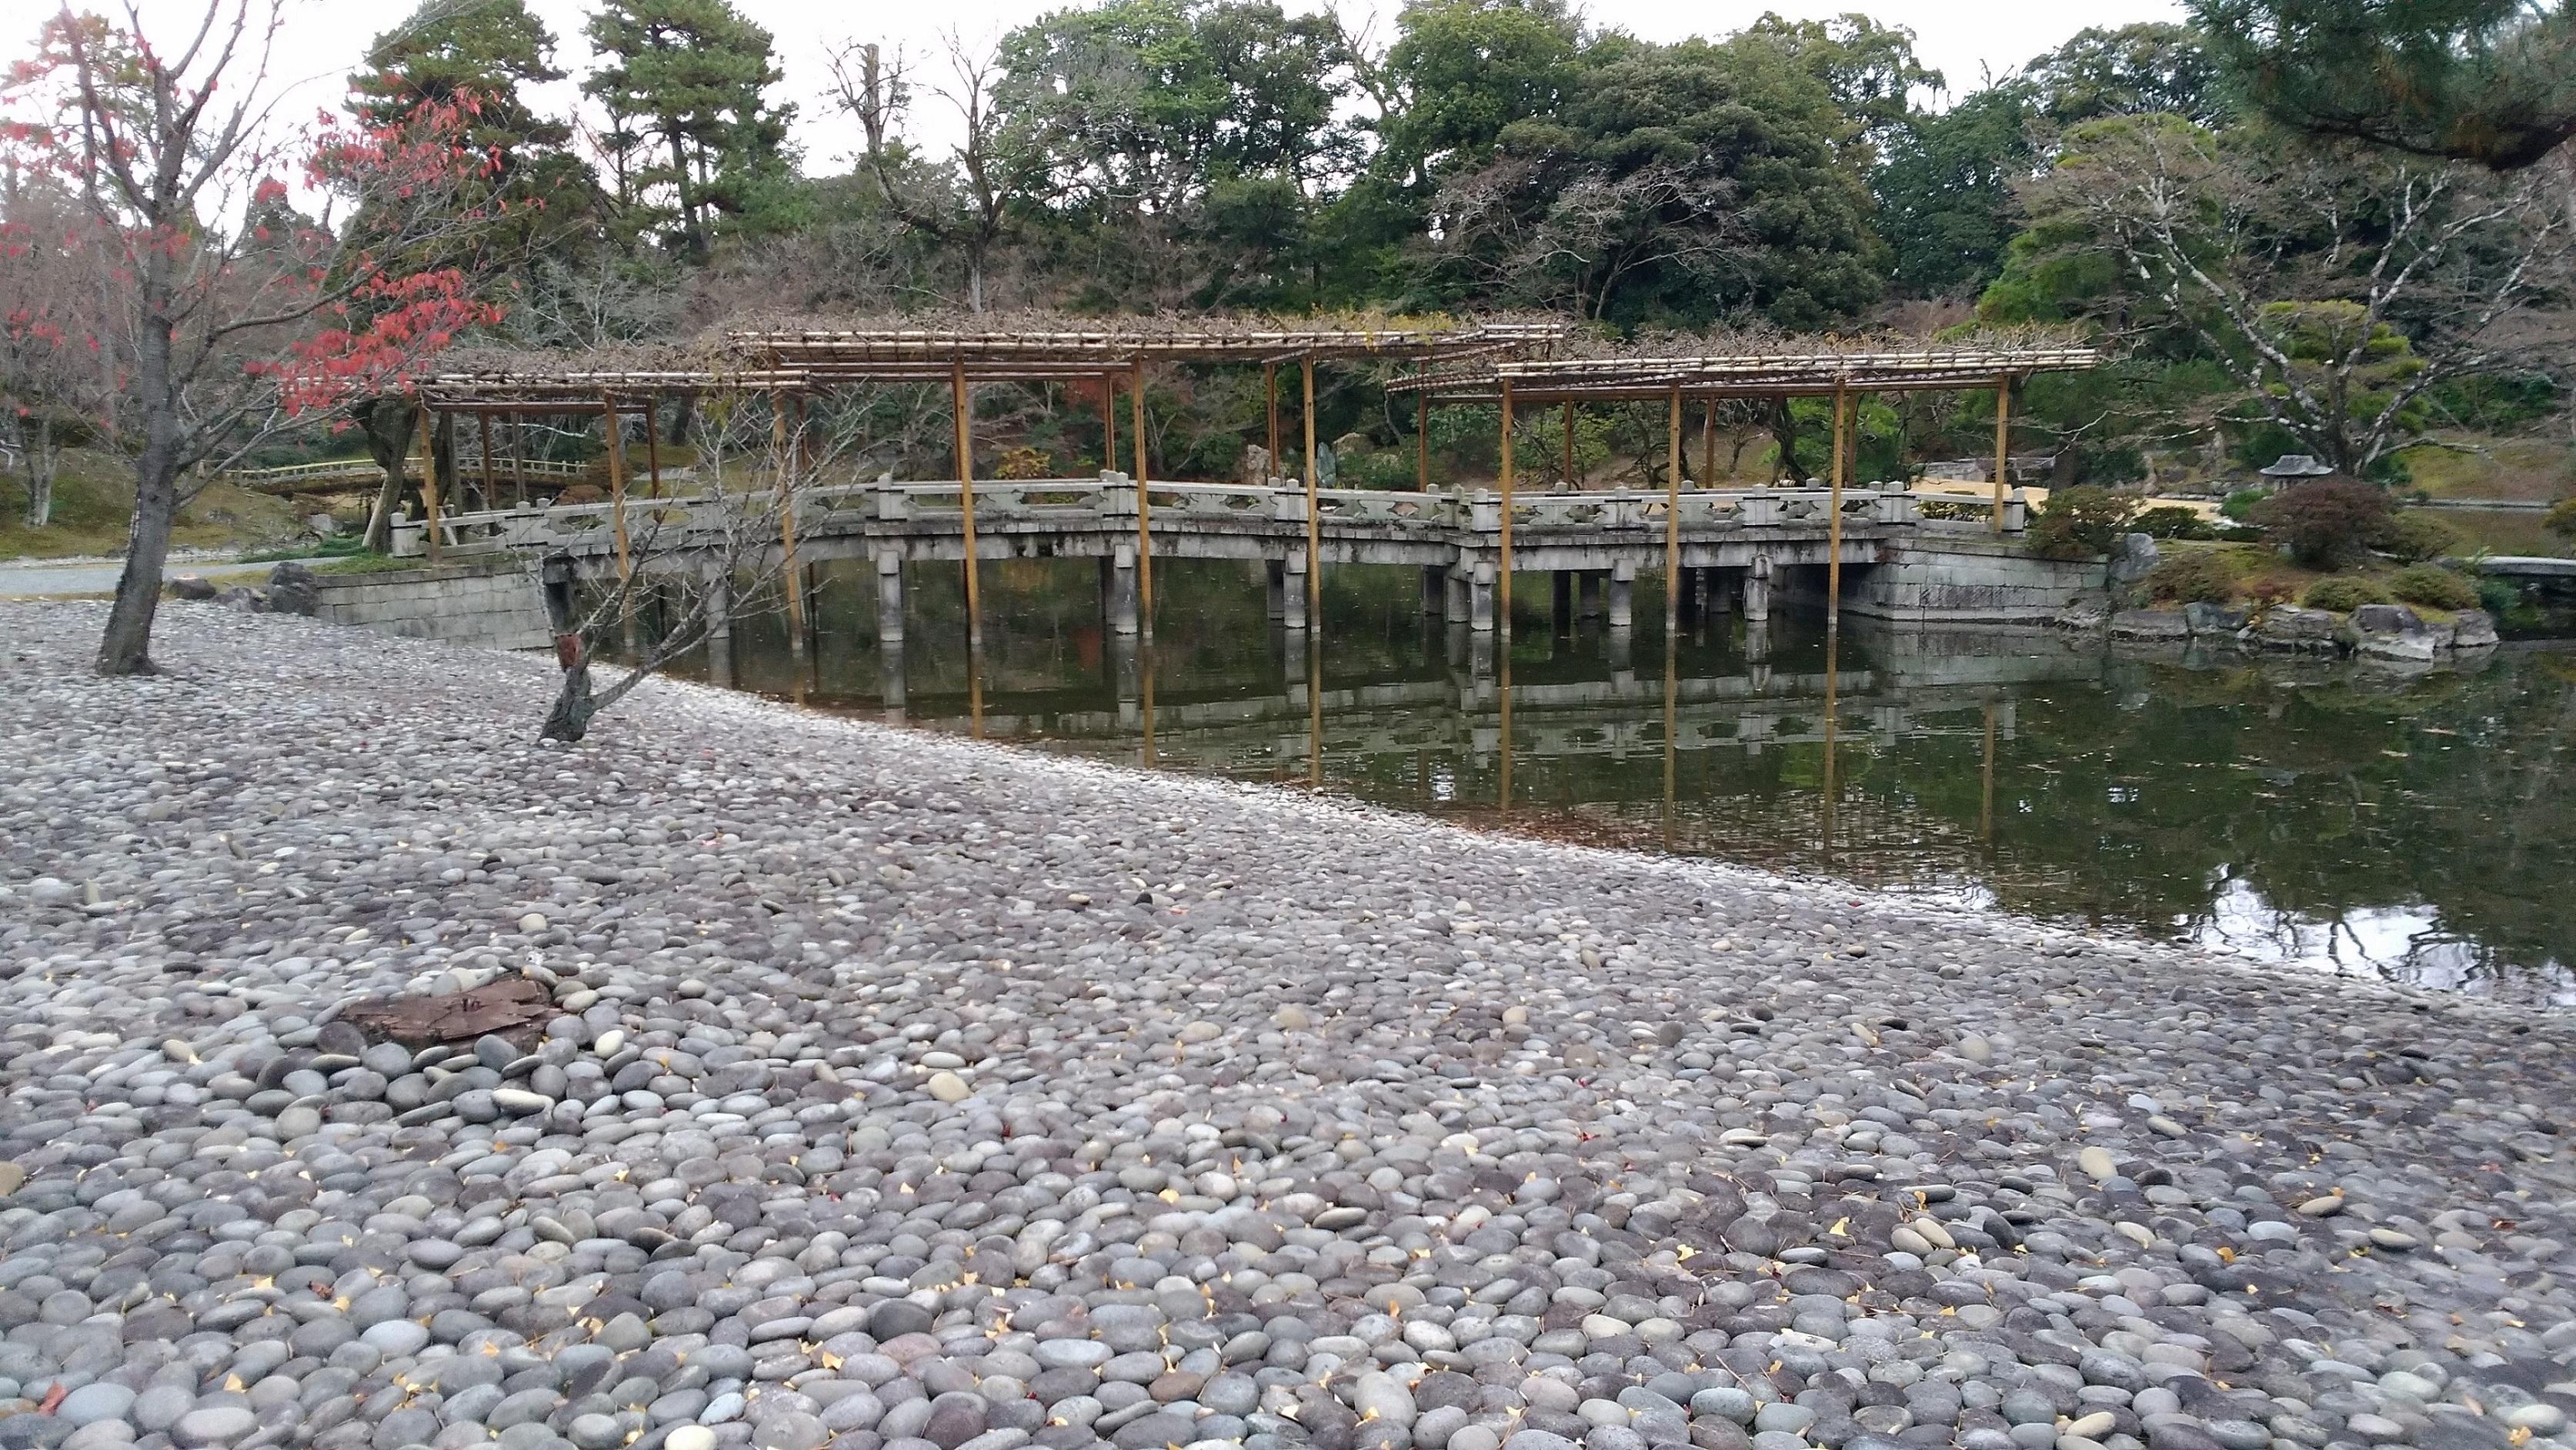 庭園が美しい【仙洞御所】も京都御苑内にありますよ! -リピーターのための、おすすめ京都の穴場ガイド-